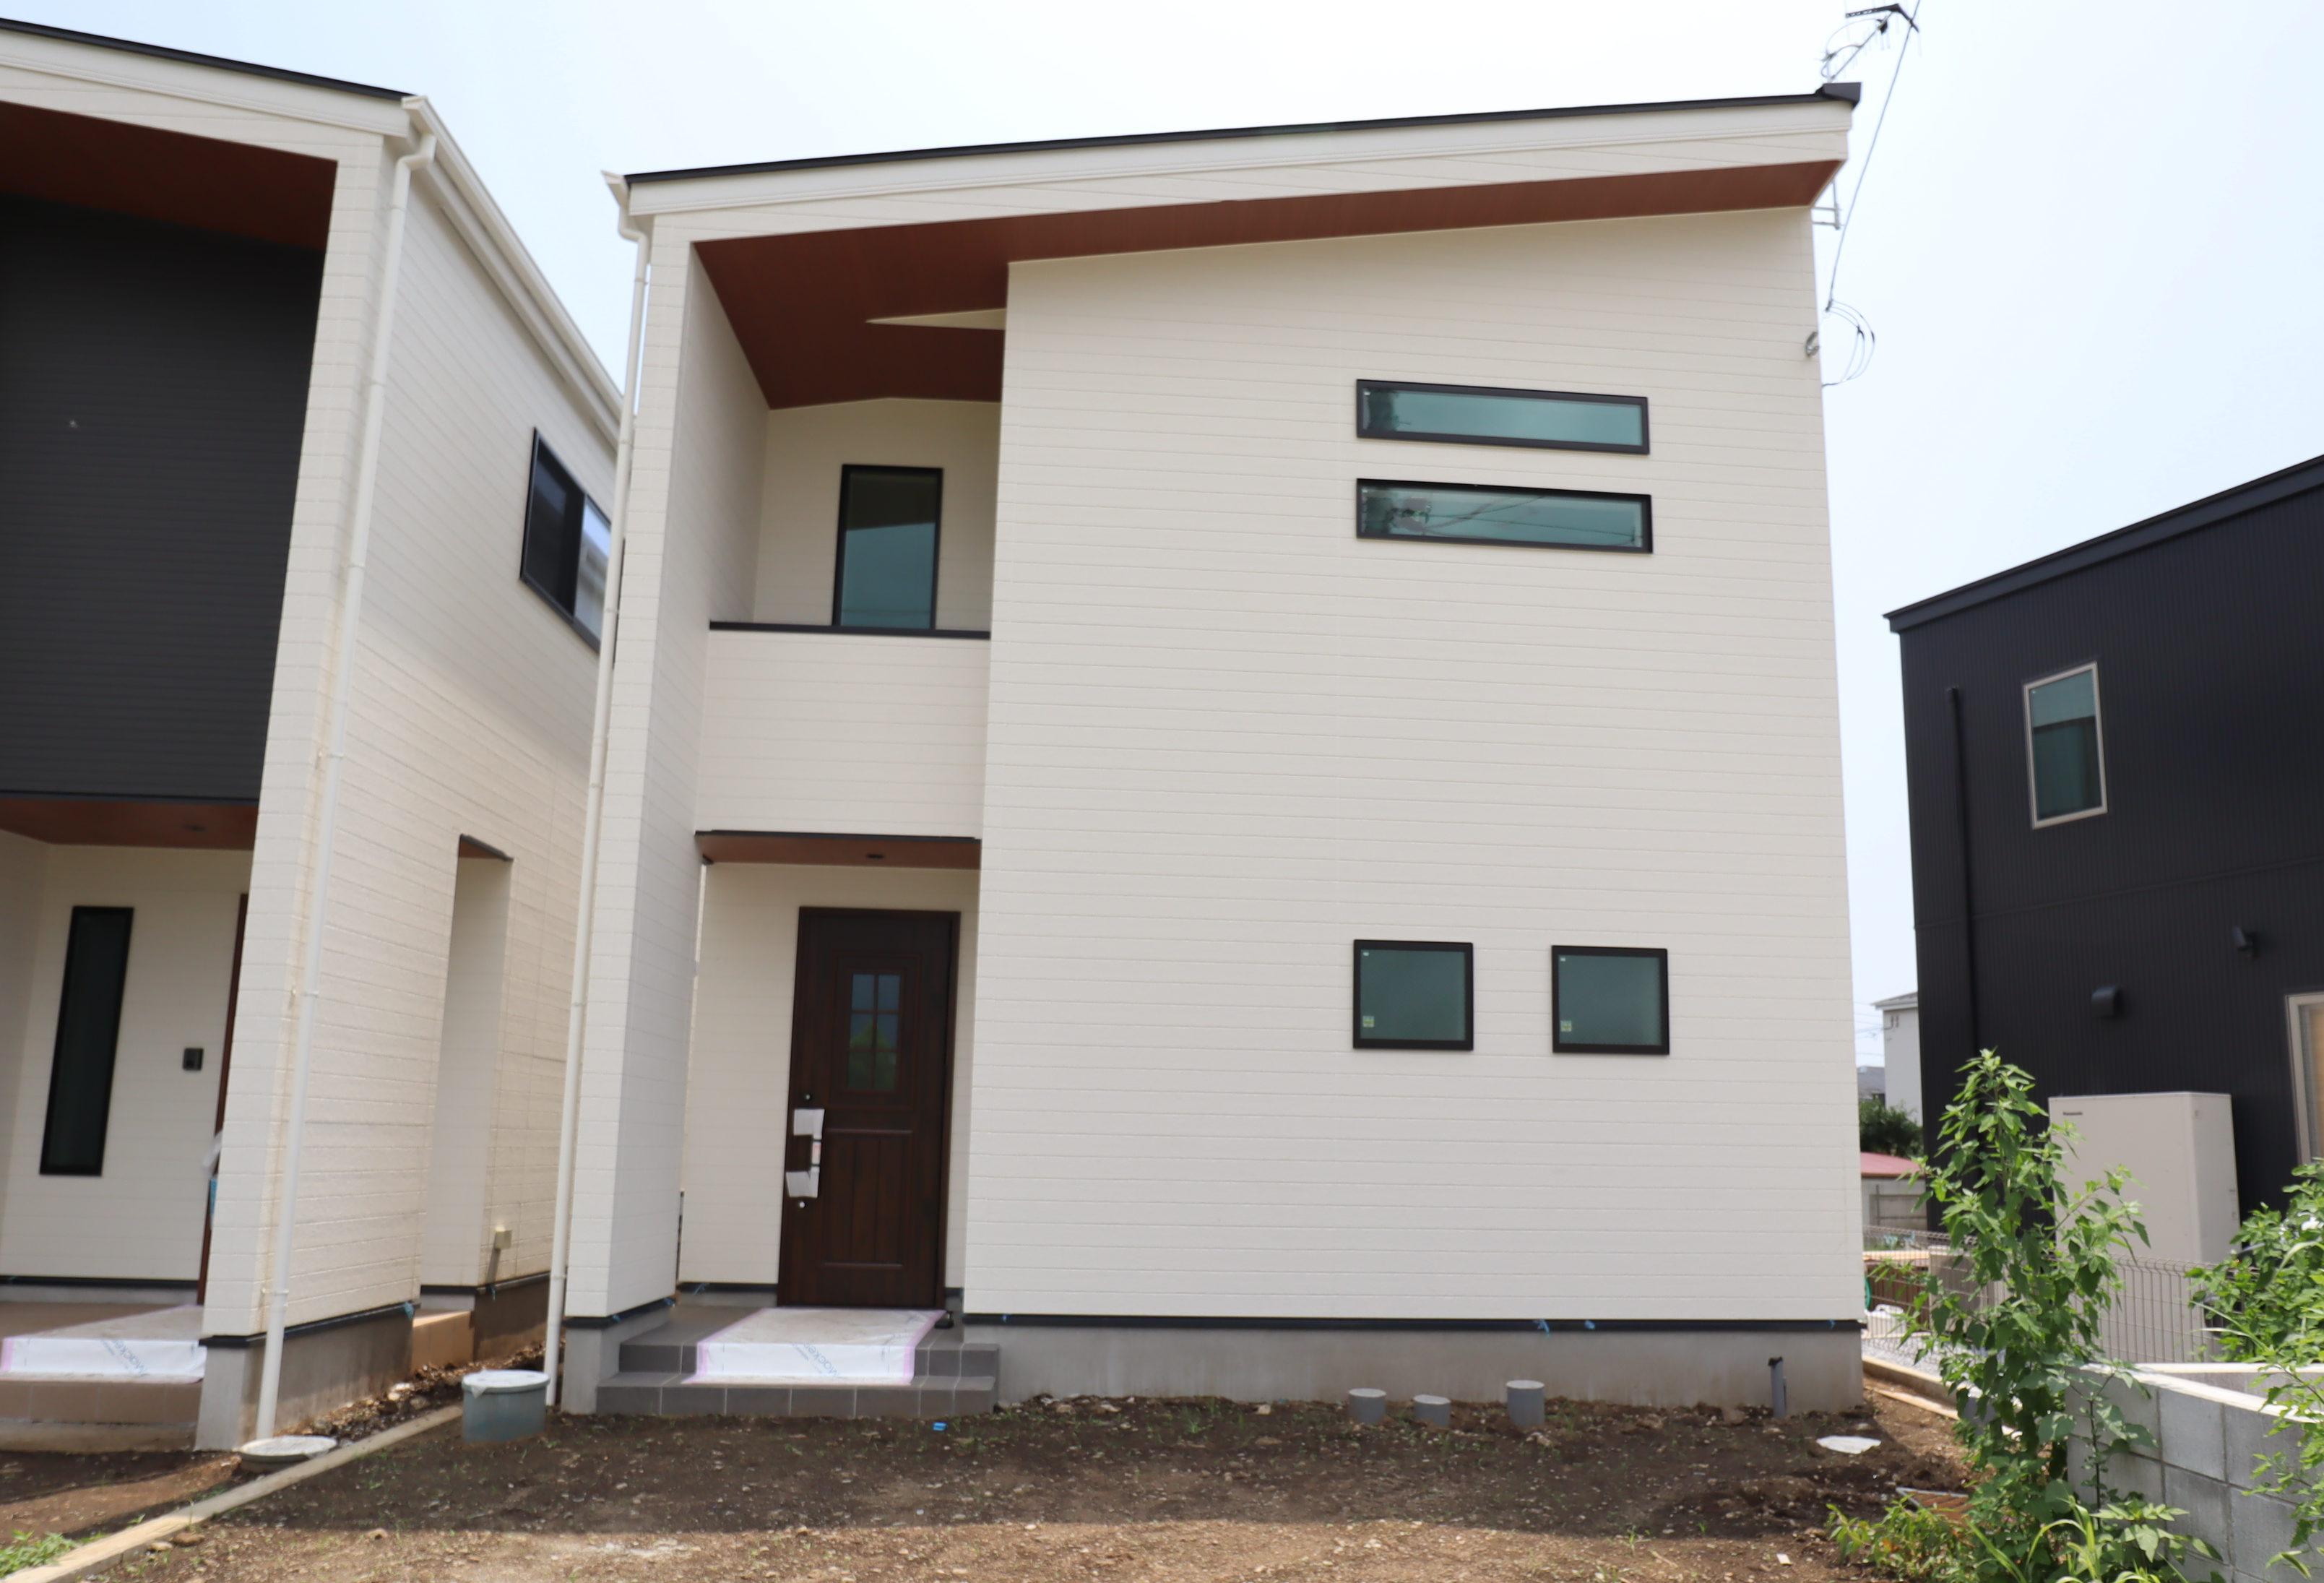 【潜入レポ2】丹沢のまち秦野で暮らす!3棟徹底比較「マッケンジーハウス」のお家探訪